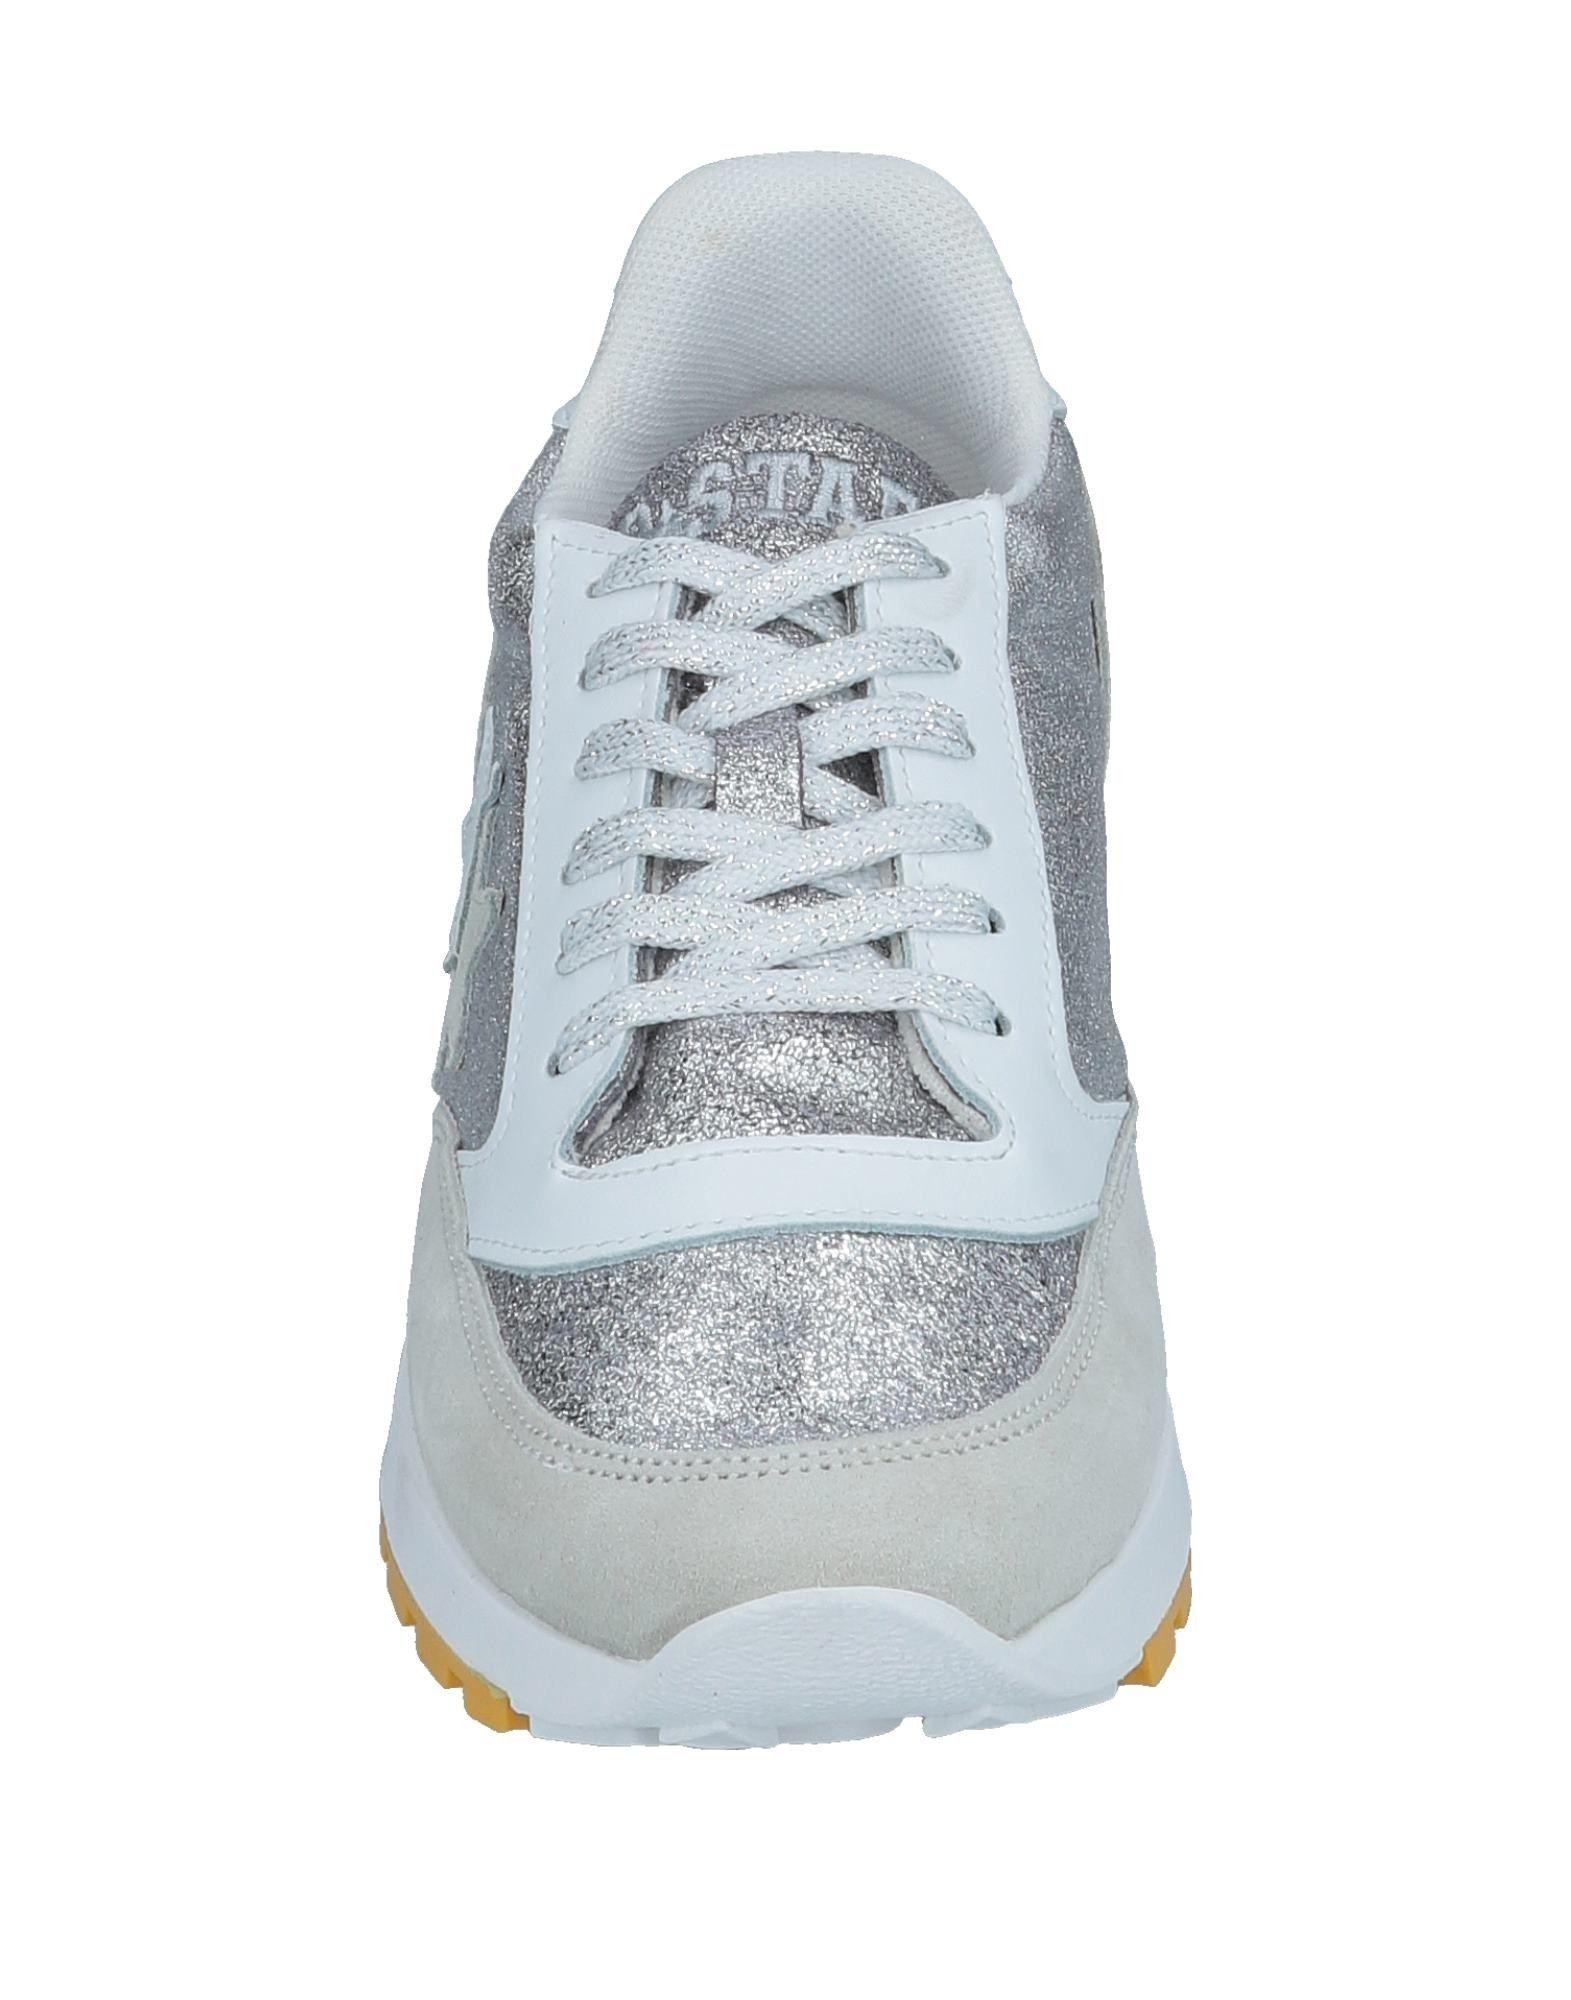 2Star Sneakers Damen Damen Sneakers  11554012FQ  1c742b